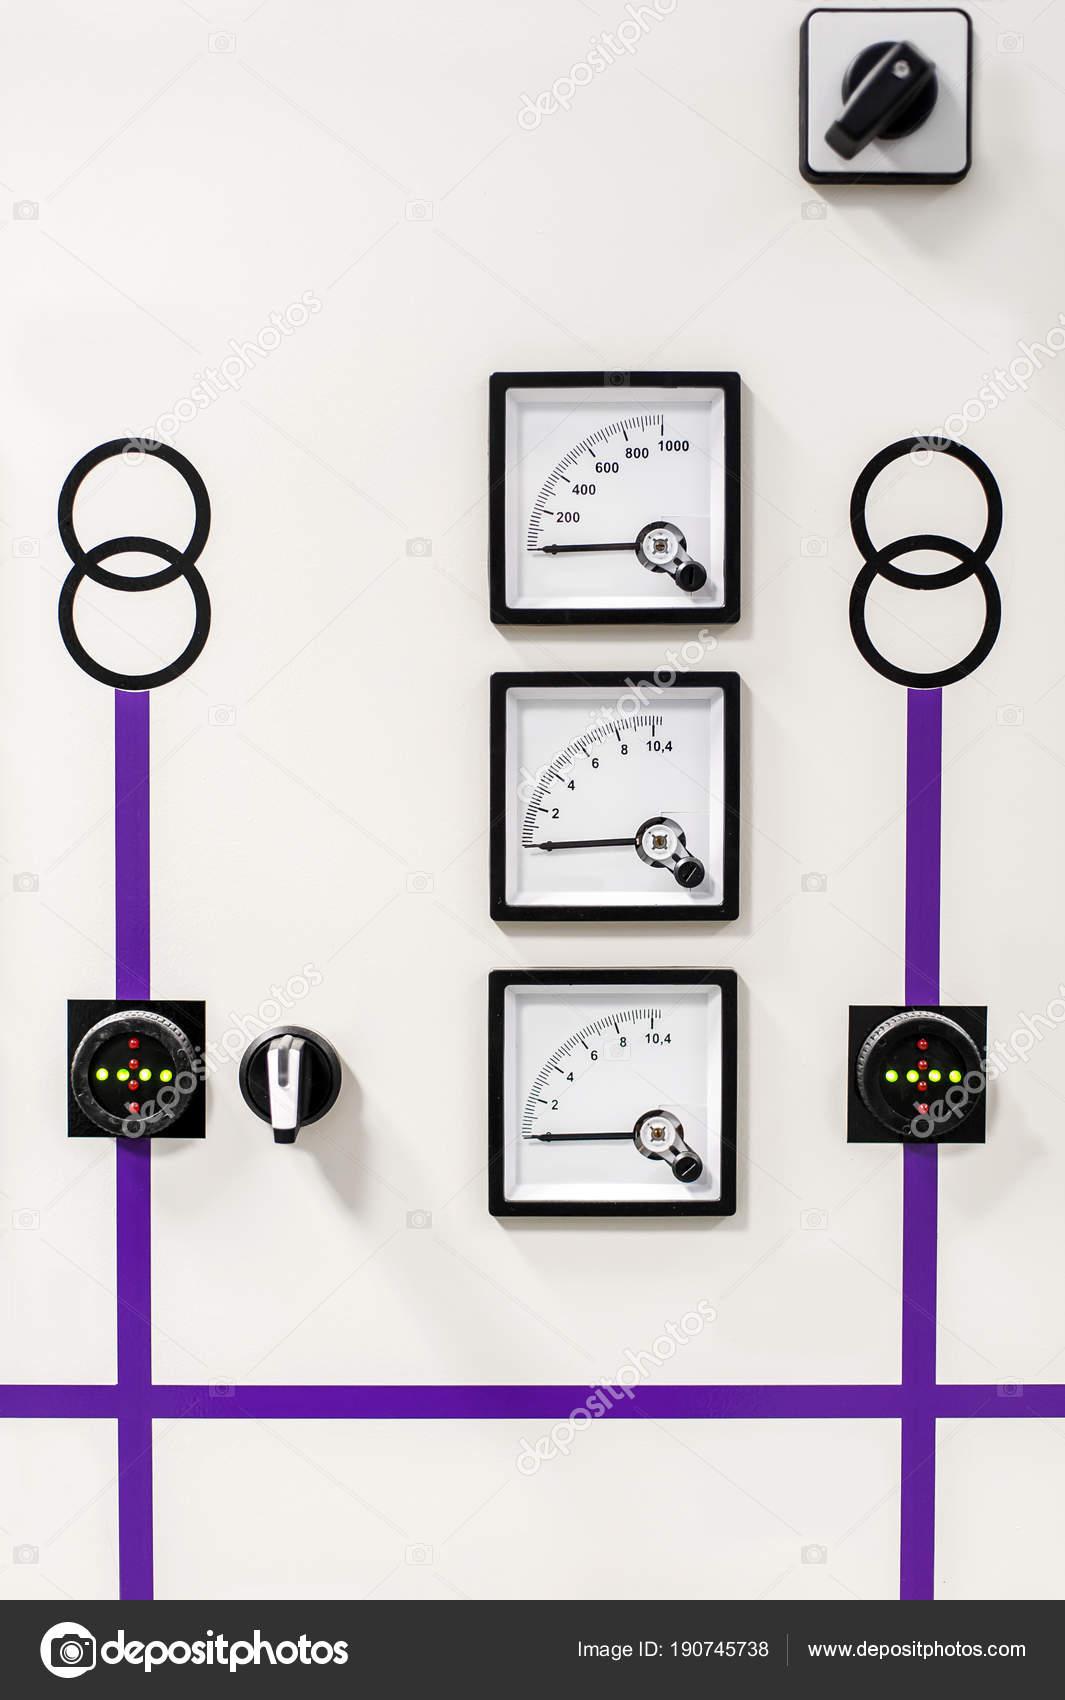 Schema Elettrico Relè Interruttore : Sistema di protezione del relè. unità di controllo baia